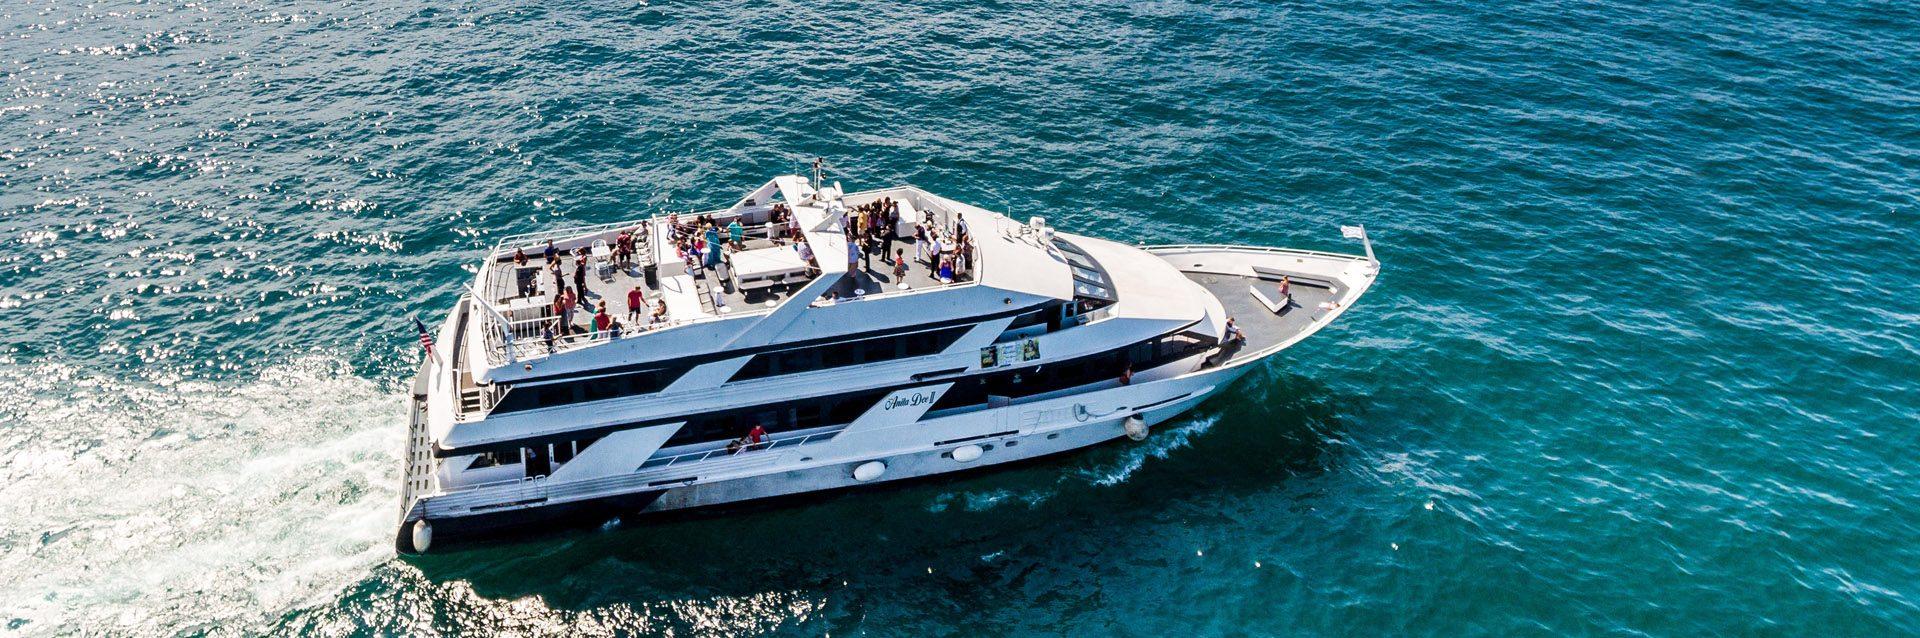 Anita Dee Yacht cruising along